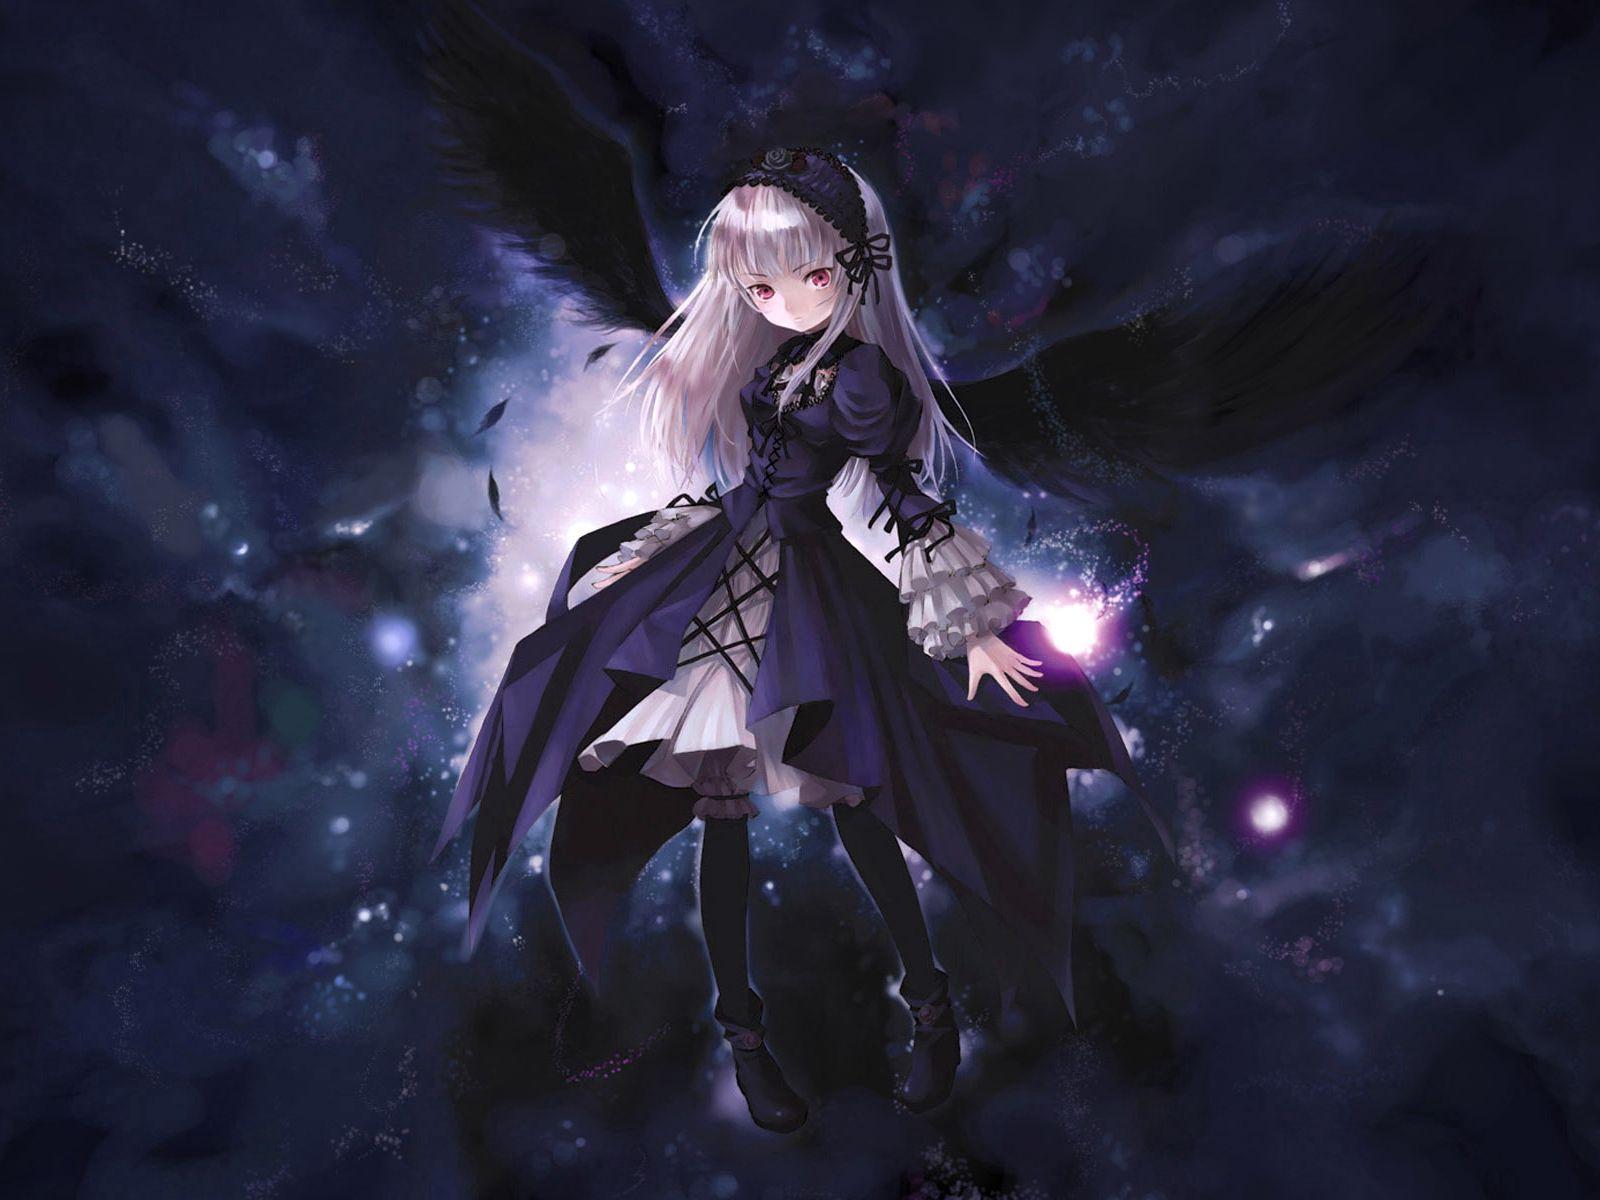 1600x1200 Wallpaper anime, girl, wings, flying, black